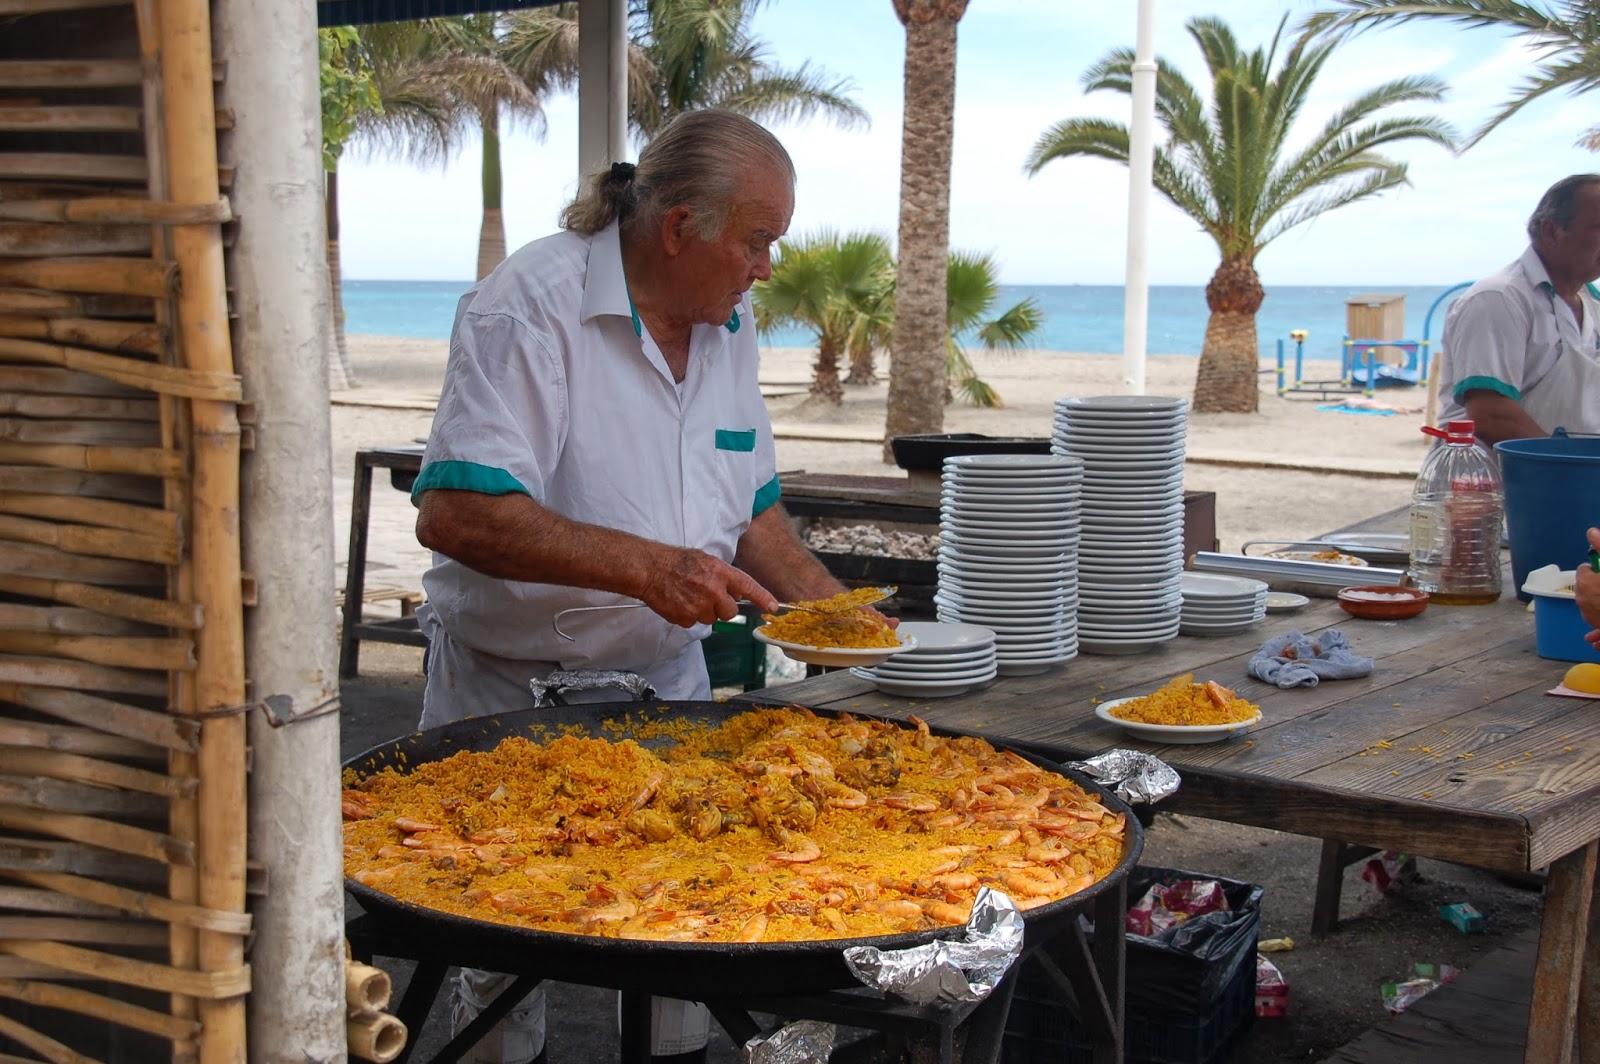 Ayo's Chiringuito. Ayo's Paella